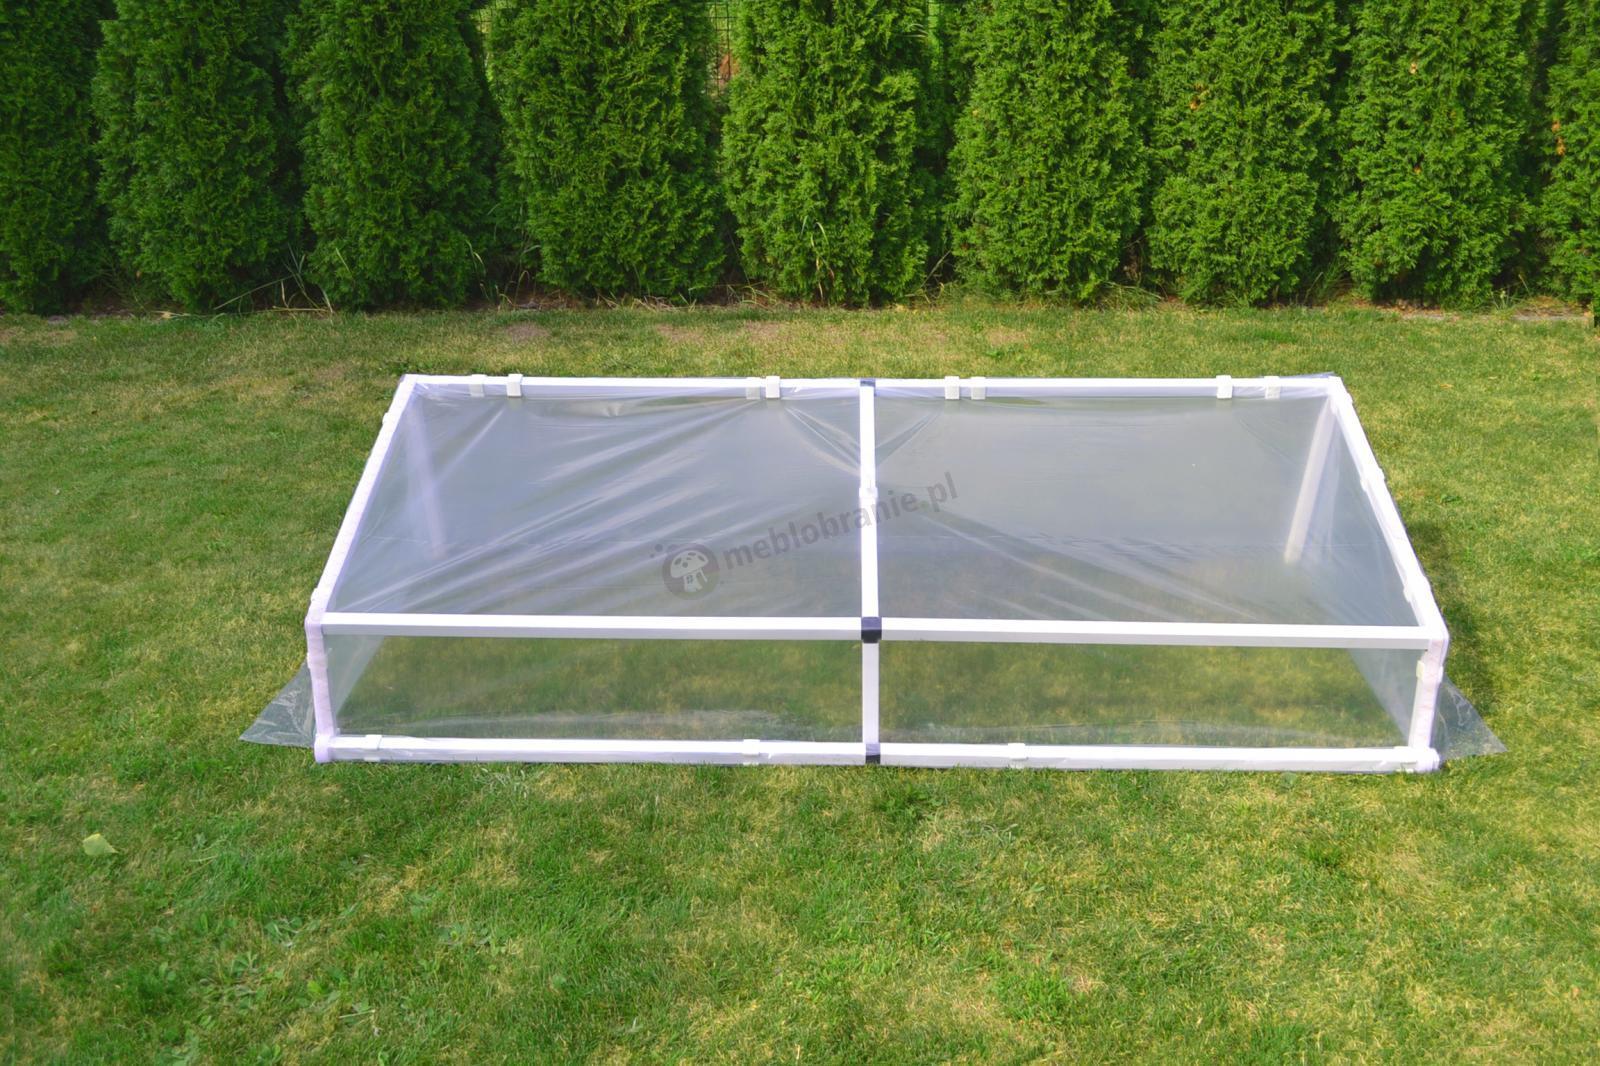 Rozsadnik – inspekt ogrodniczy 1x2 m - stelaż